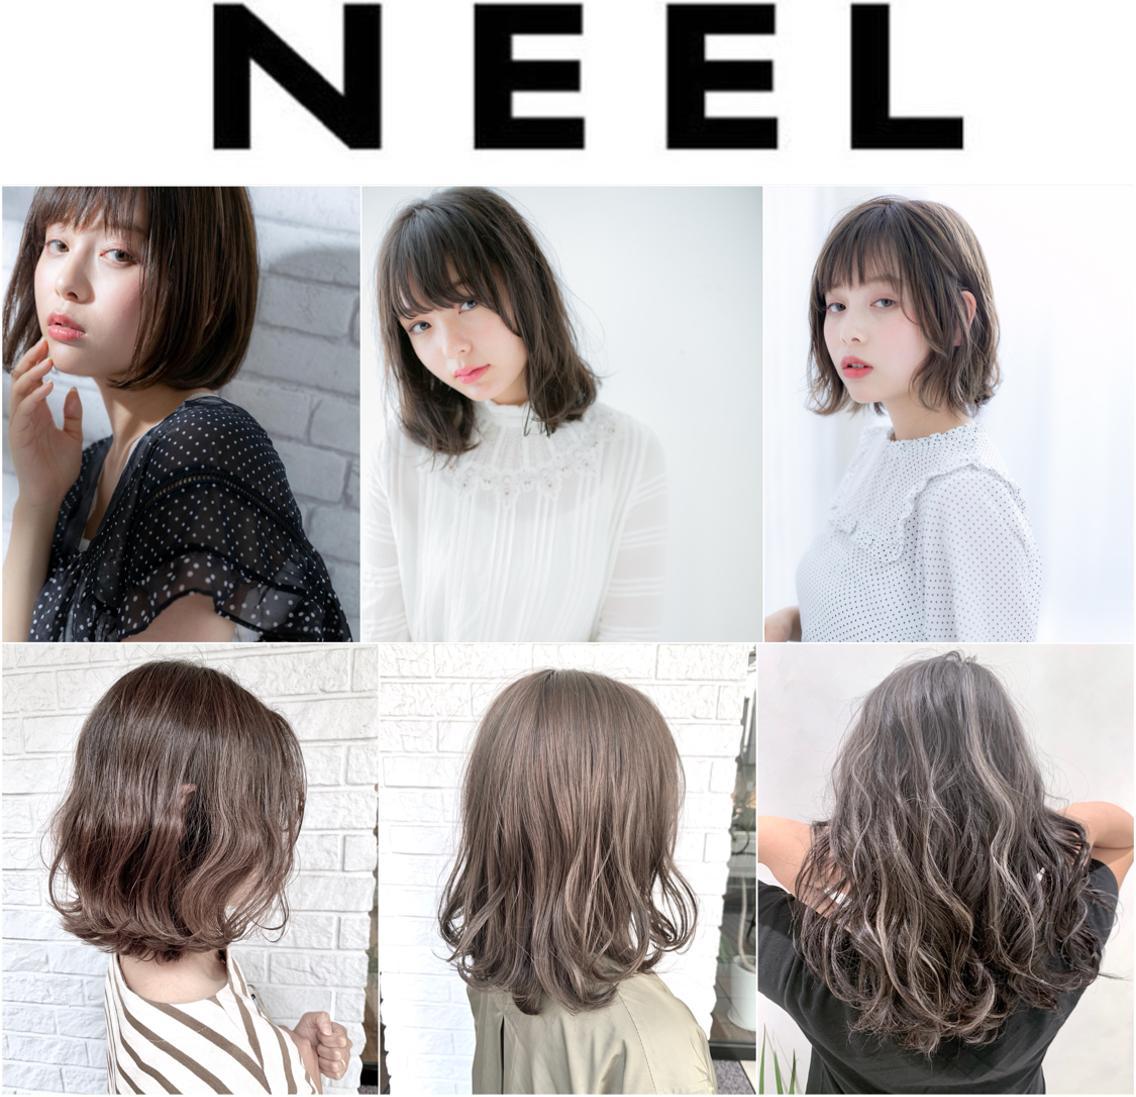 《✨NEW OPEN❣️》ワンランク上の仕上がり❣️NEEL【ニール】梅雨時期に髪質改善ストレート🔆透明感Colorお任せ✡️自分史上NO,1可愛いへ❗️ケアブリーチ、TOKIOトリートメント使用✨